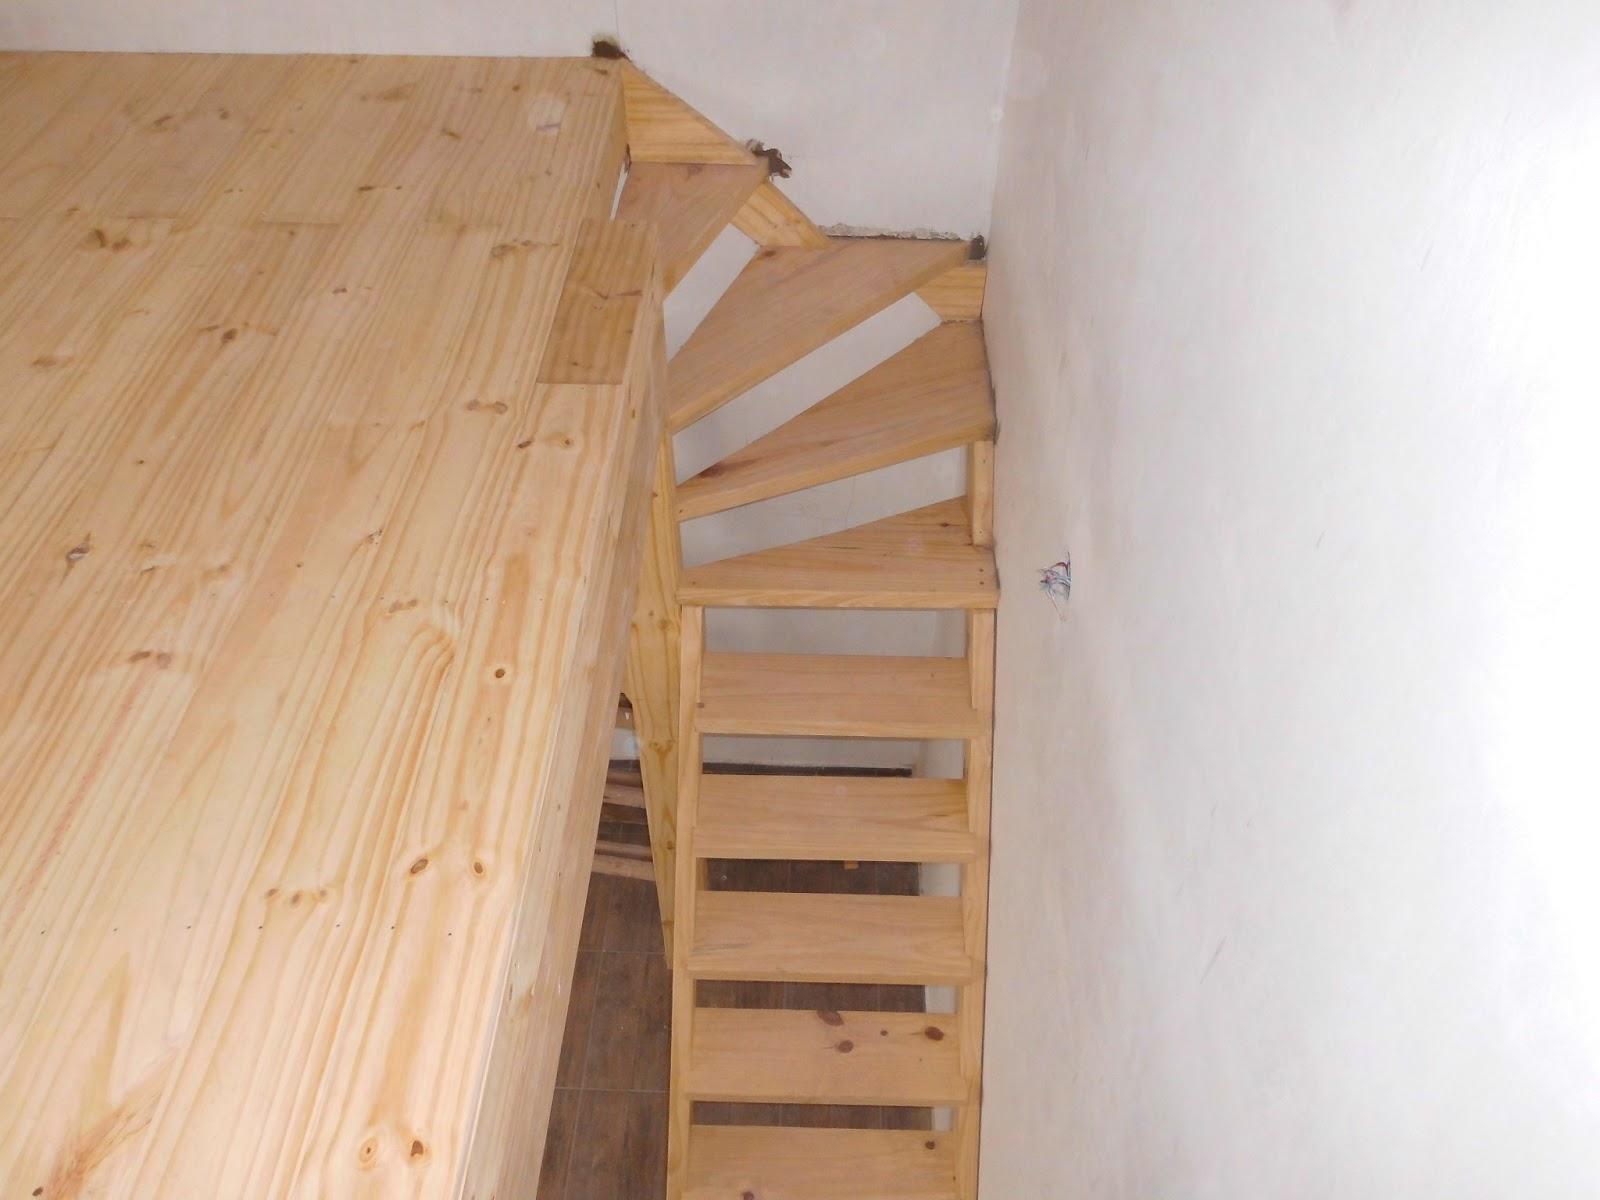 Entrepisos de madera escaleras escaleras - Escalera de madera de pintor ...